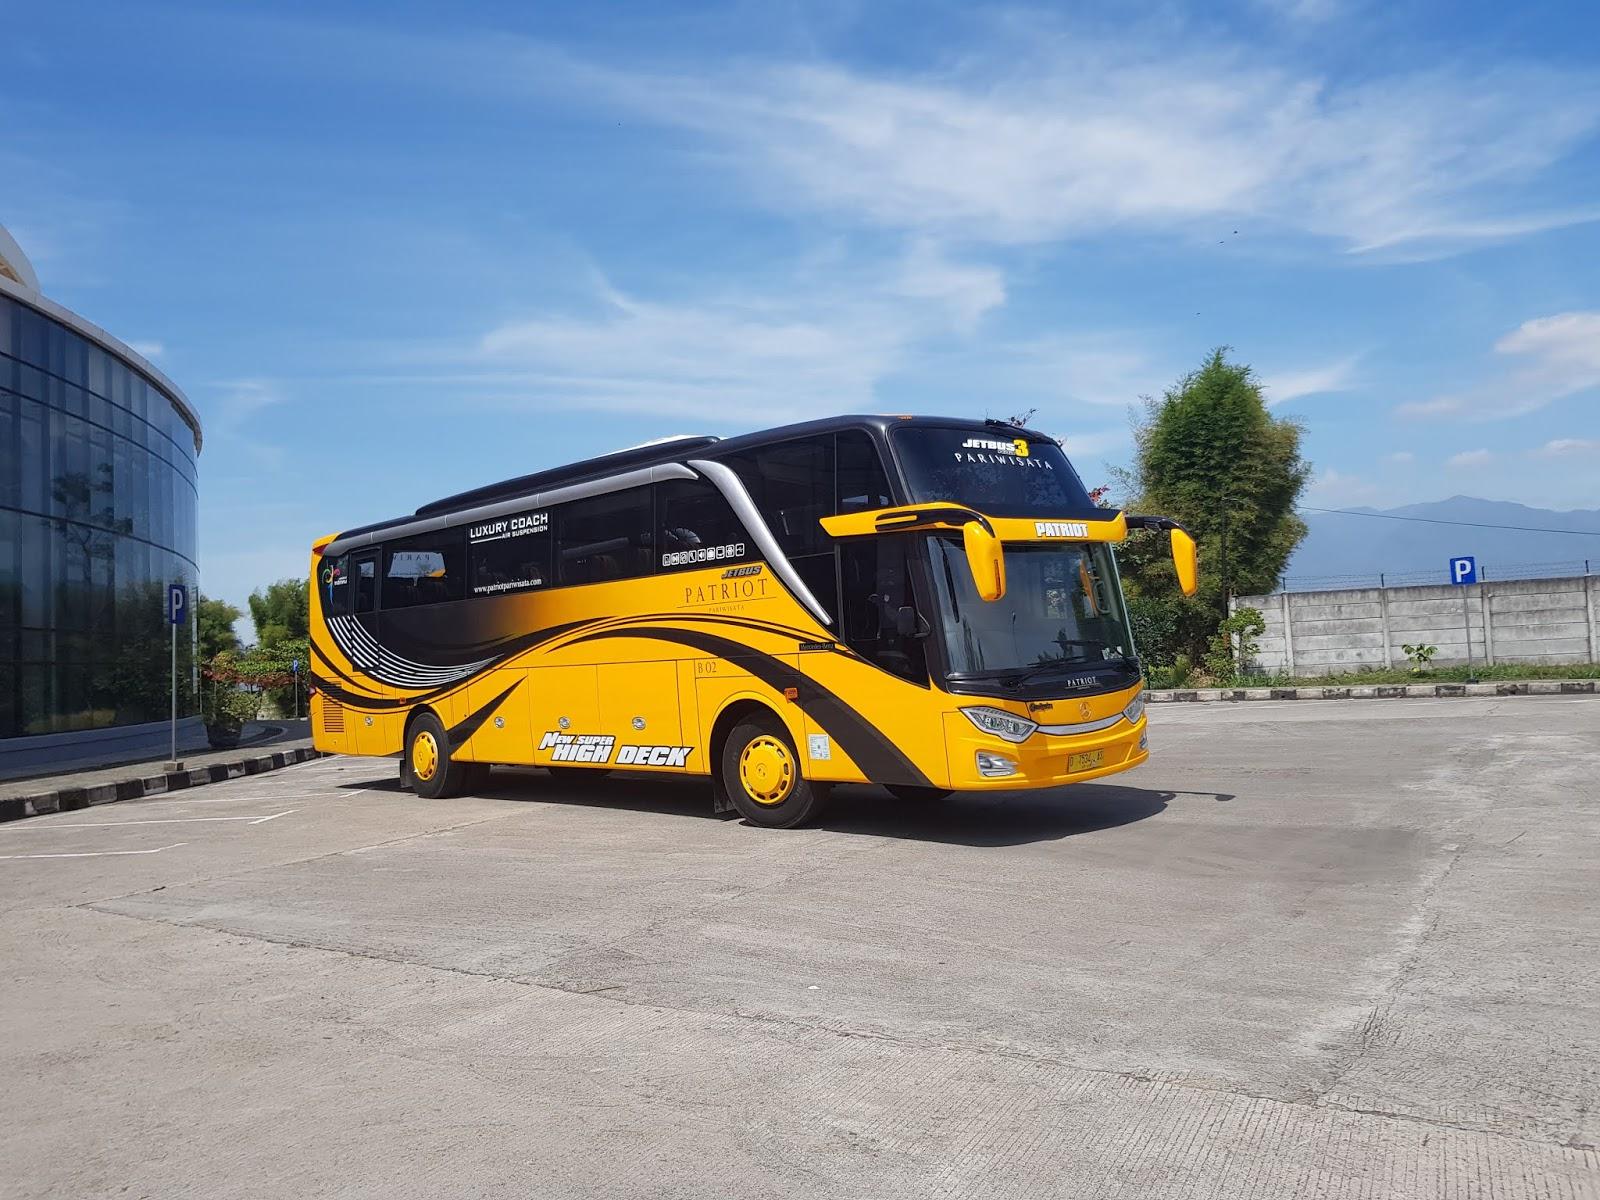 New Jetbus 3 Hdd Patriot Pariwisata Patriot Pariwisata